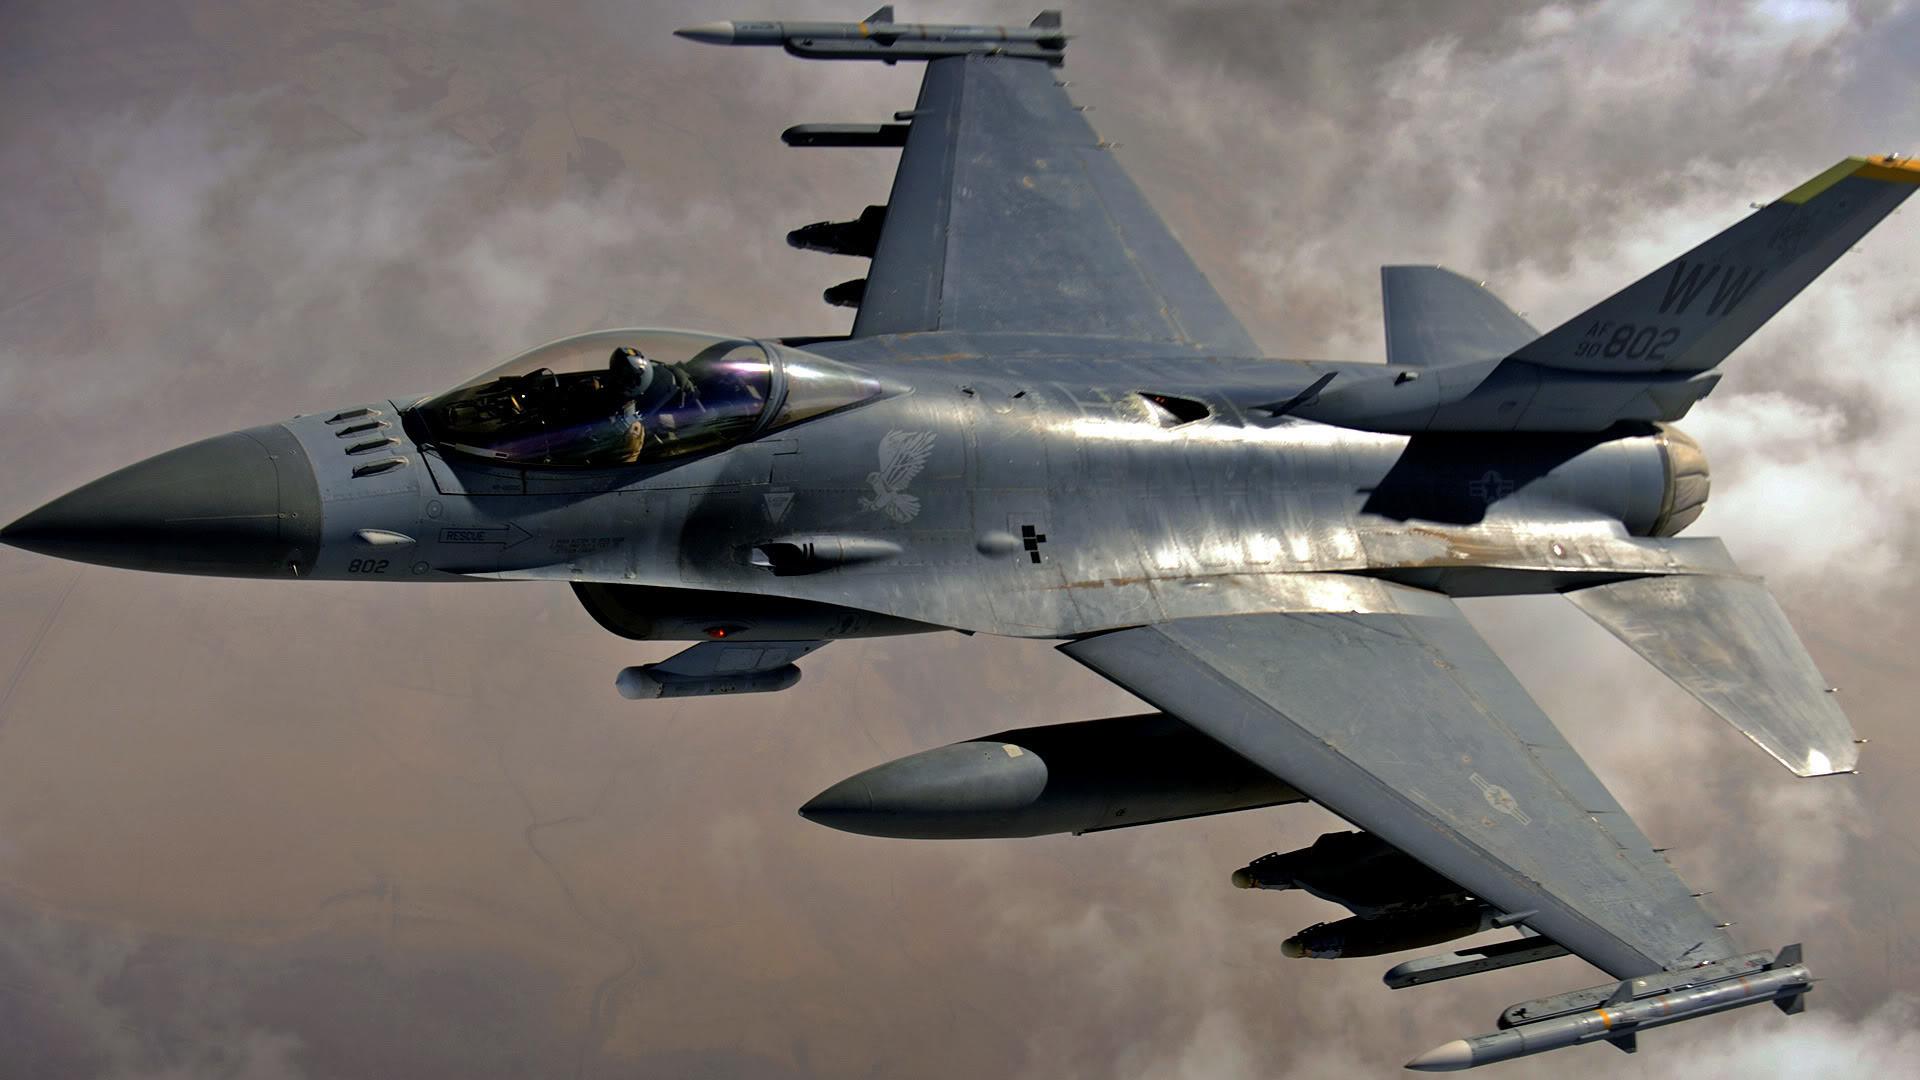 F 16 Fighting Falcon – 1080p HD Wallpaper Widescreen